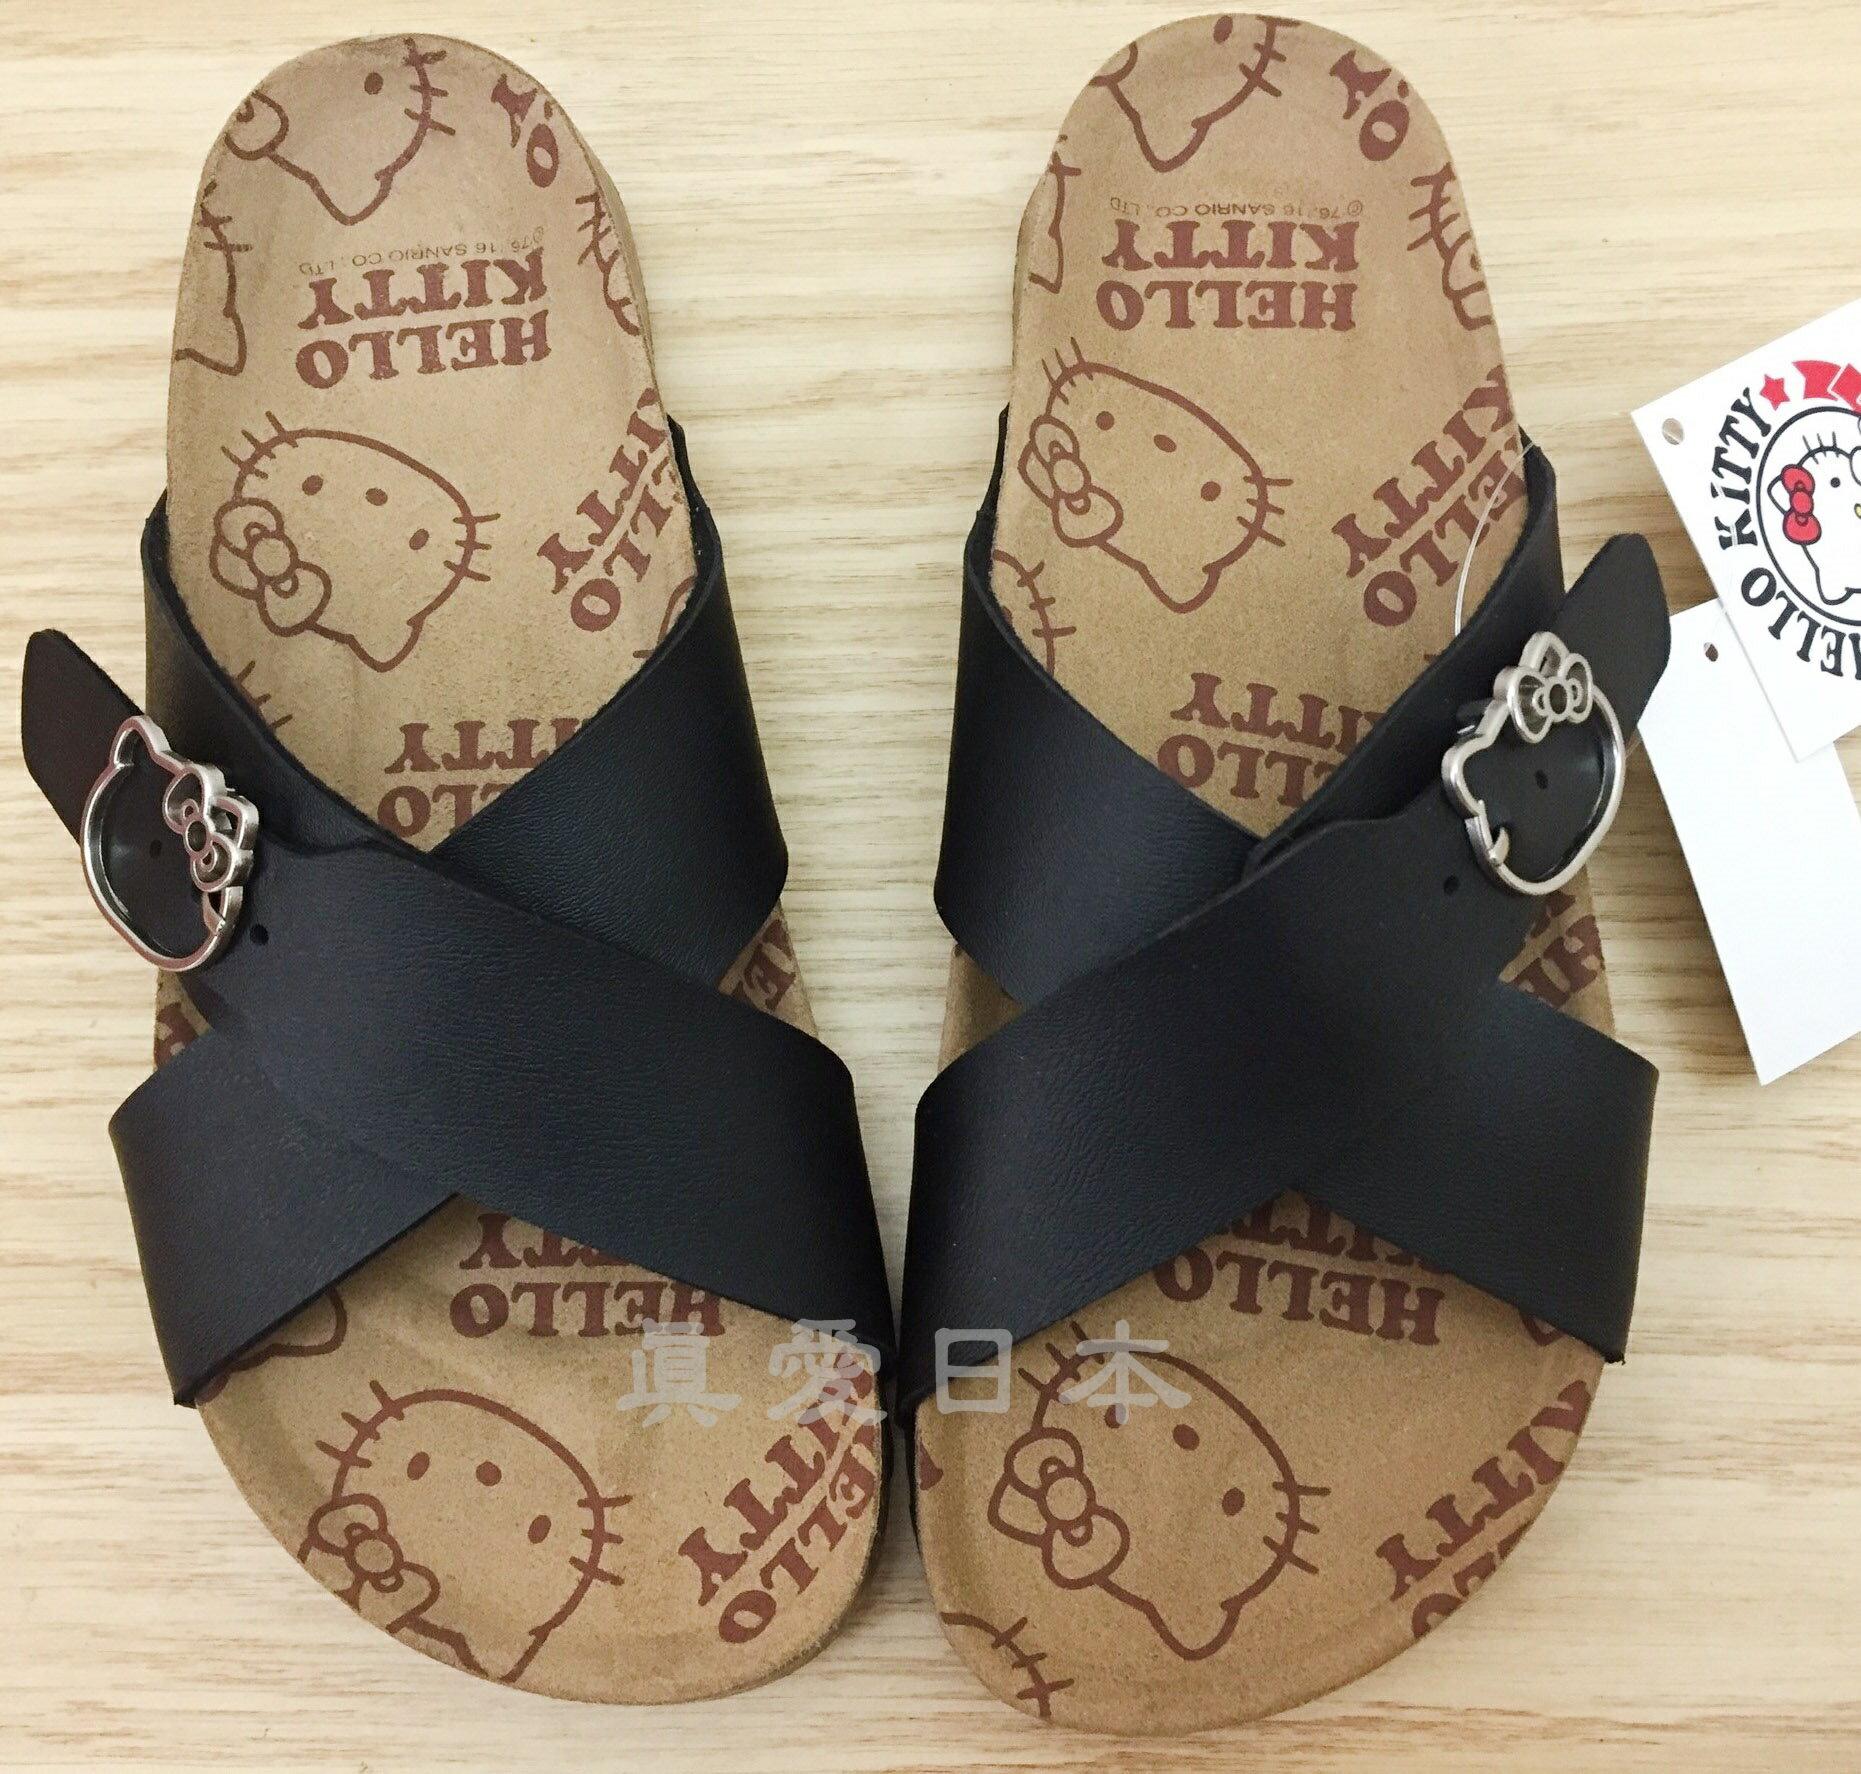 【真愛日本】博肯鞋-KT916090黑 36~40 勃肯 拖鞋 外出鞋 kitty 鞋子